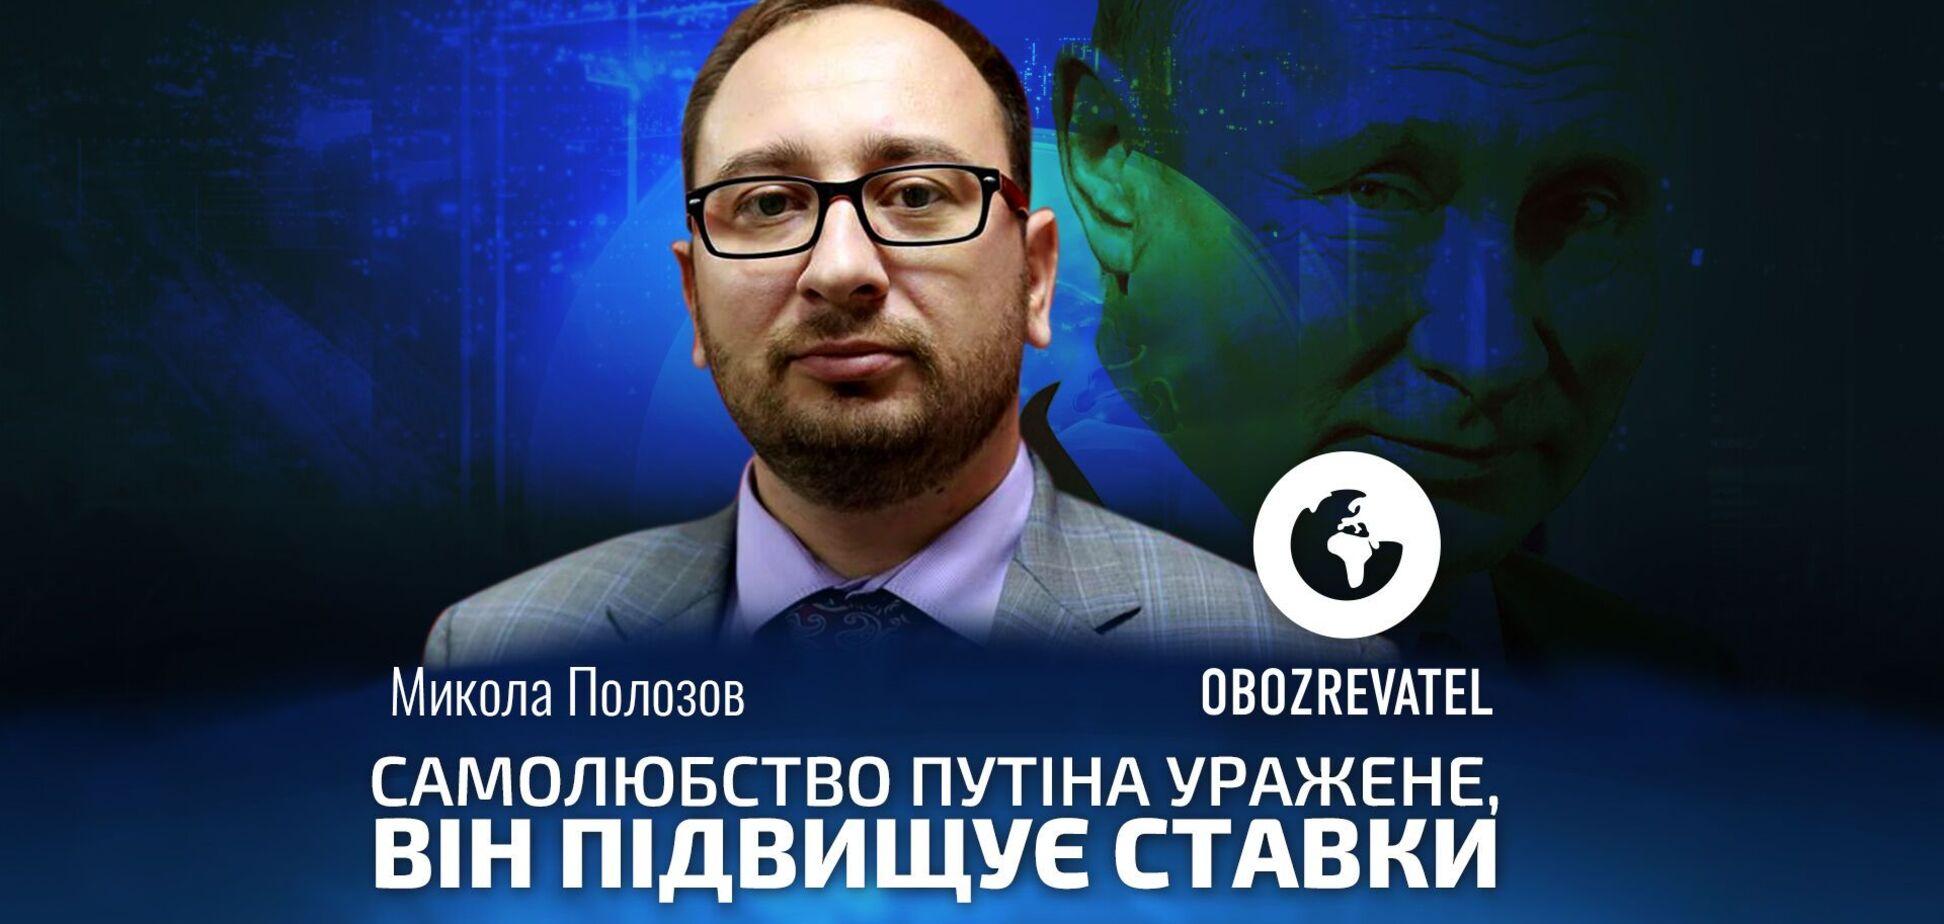 Полозов: самолюбие Путина уязвлено, он повышает ставки